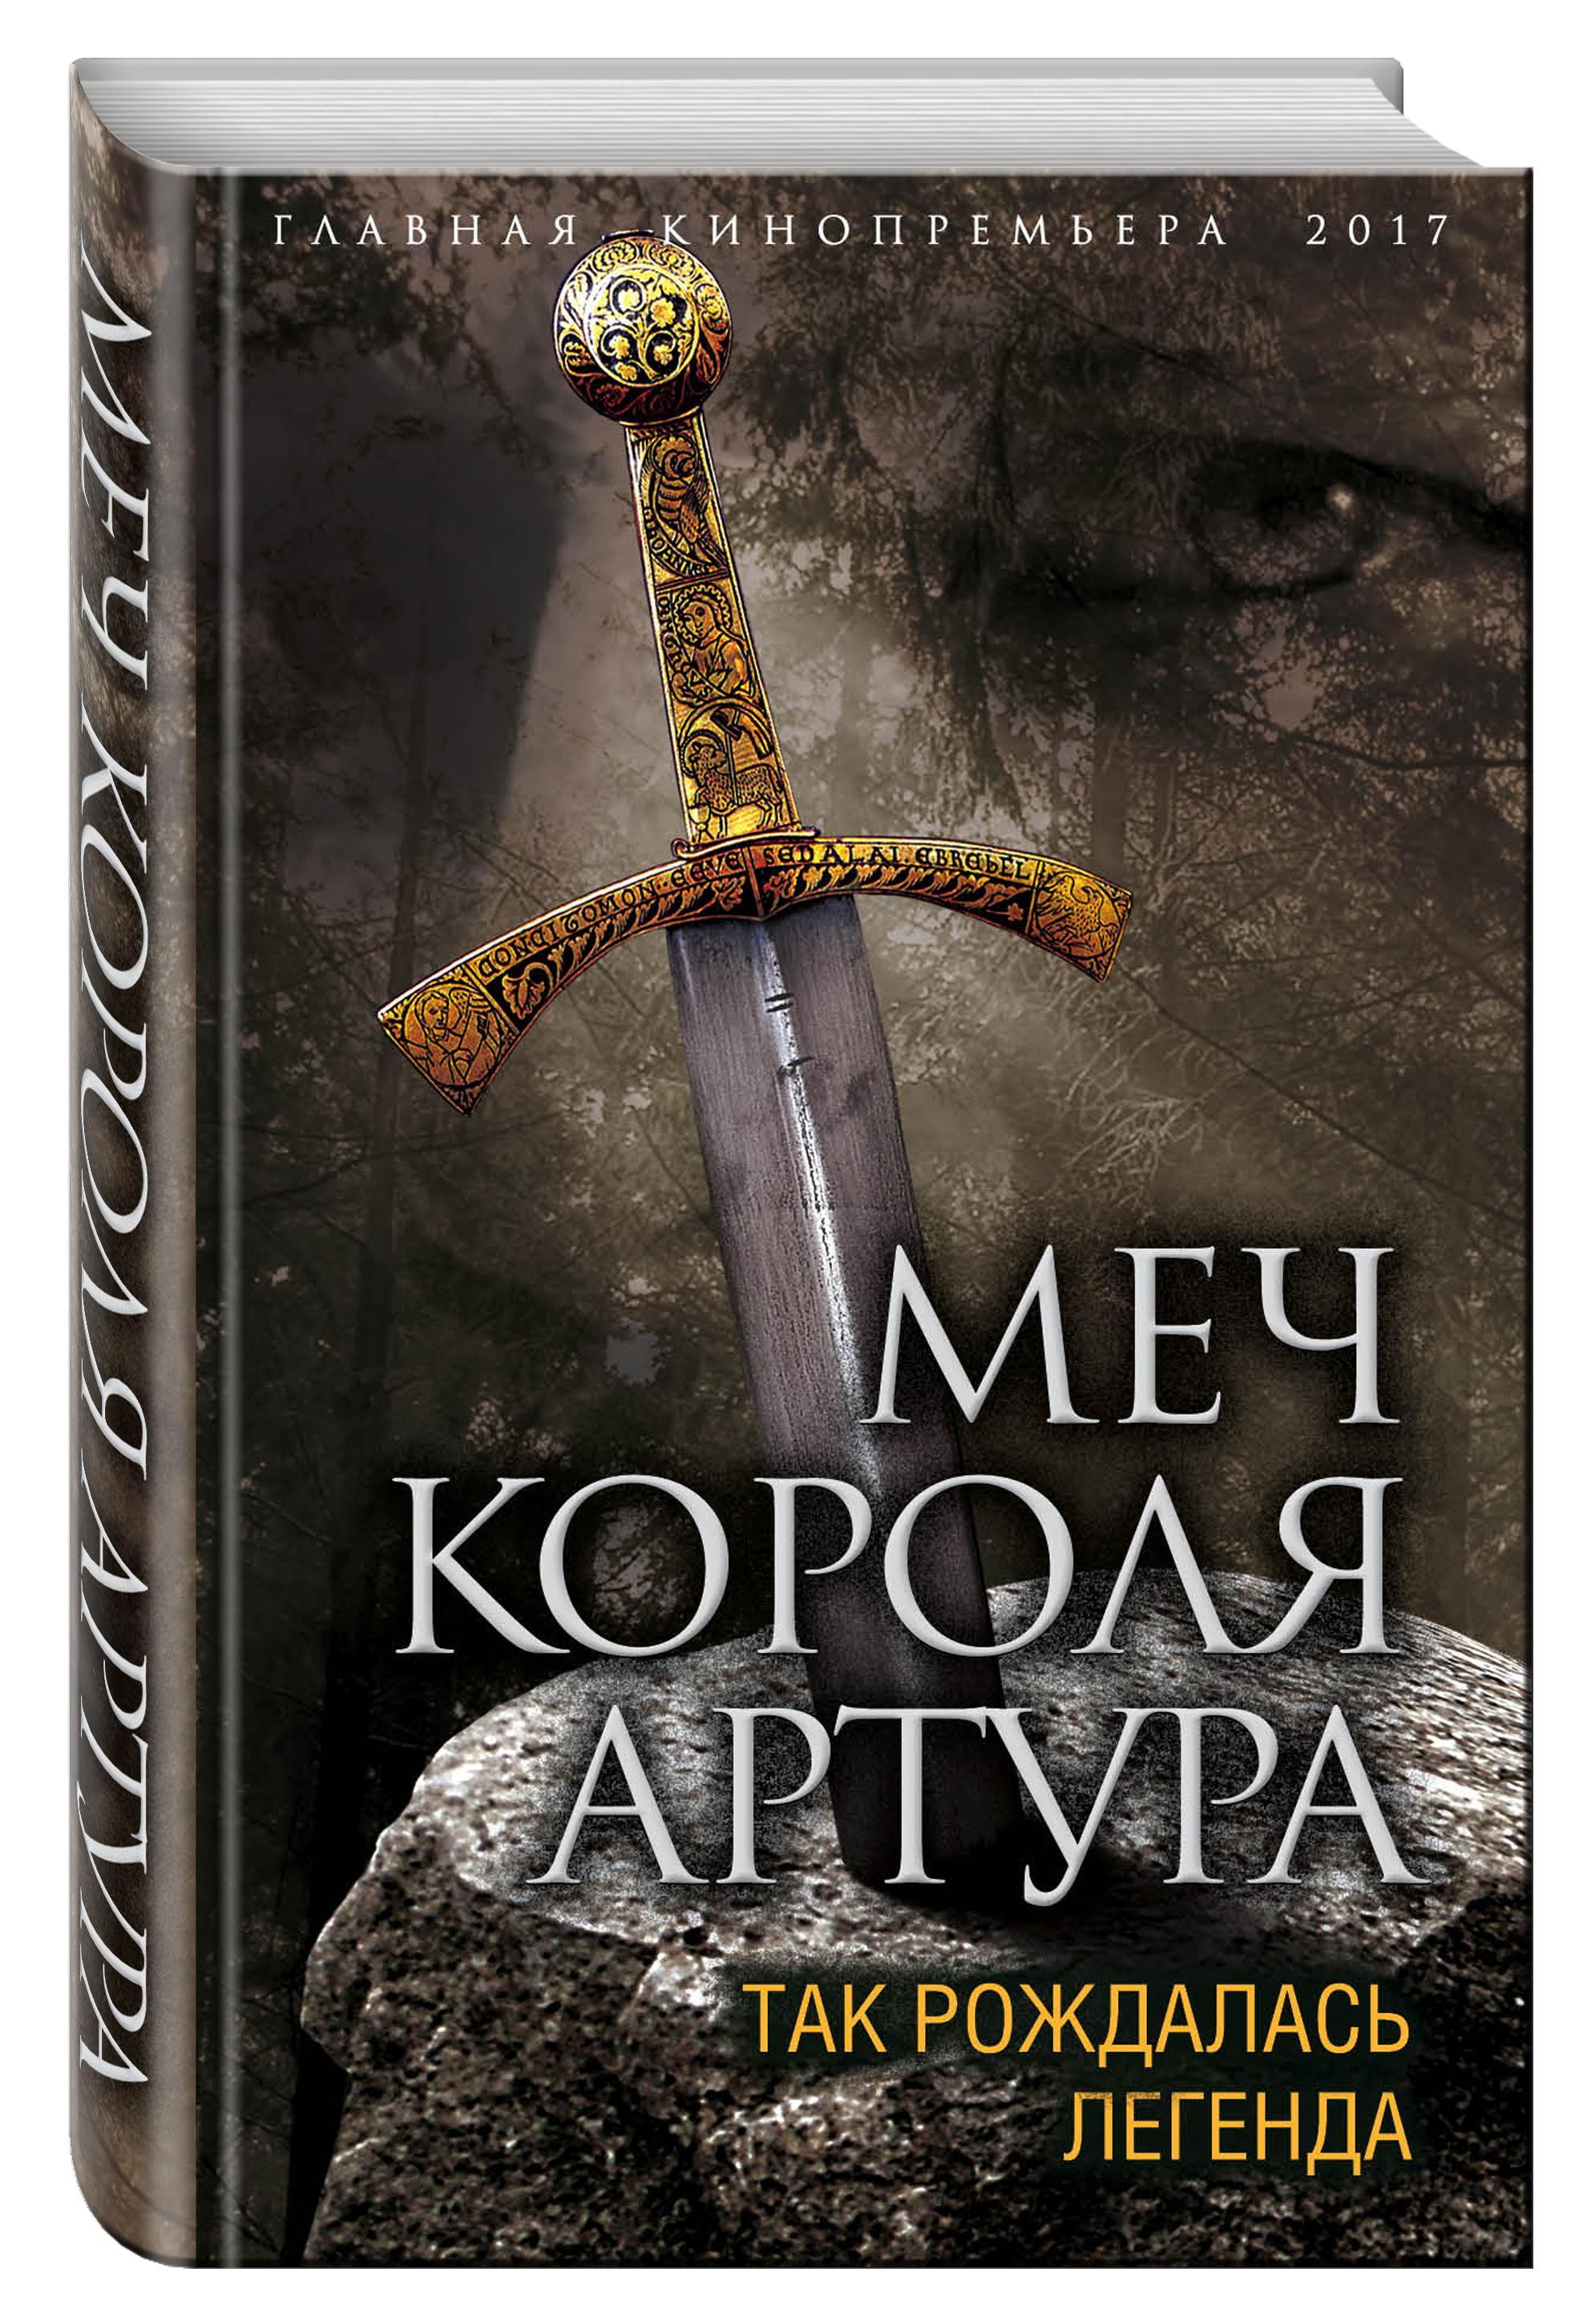 Эрлихман В.В. Меч короля Артура. Так рождалась легенда letoyvan замок меч короля артура